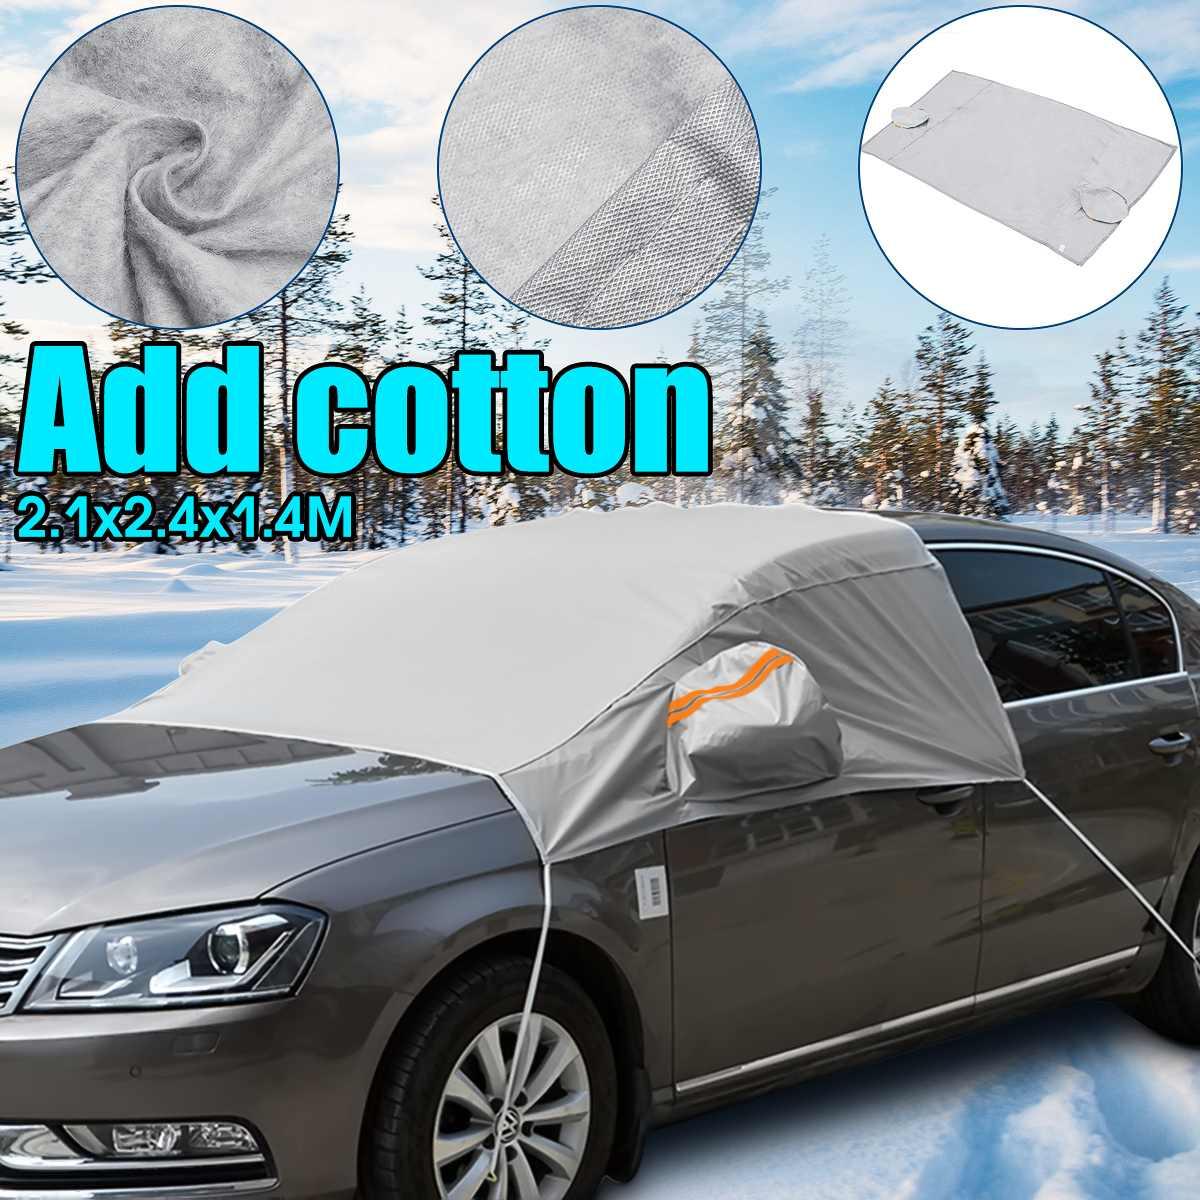 240cm x 200cm x 147cm Universal Auto Front Fenster Windschutz Deckt Sonnenschirm Abdeckung Schnee UV Eis Schild für Windschutzscheibe Winter Sommer